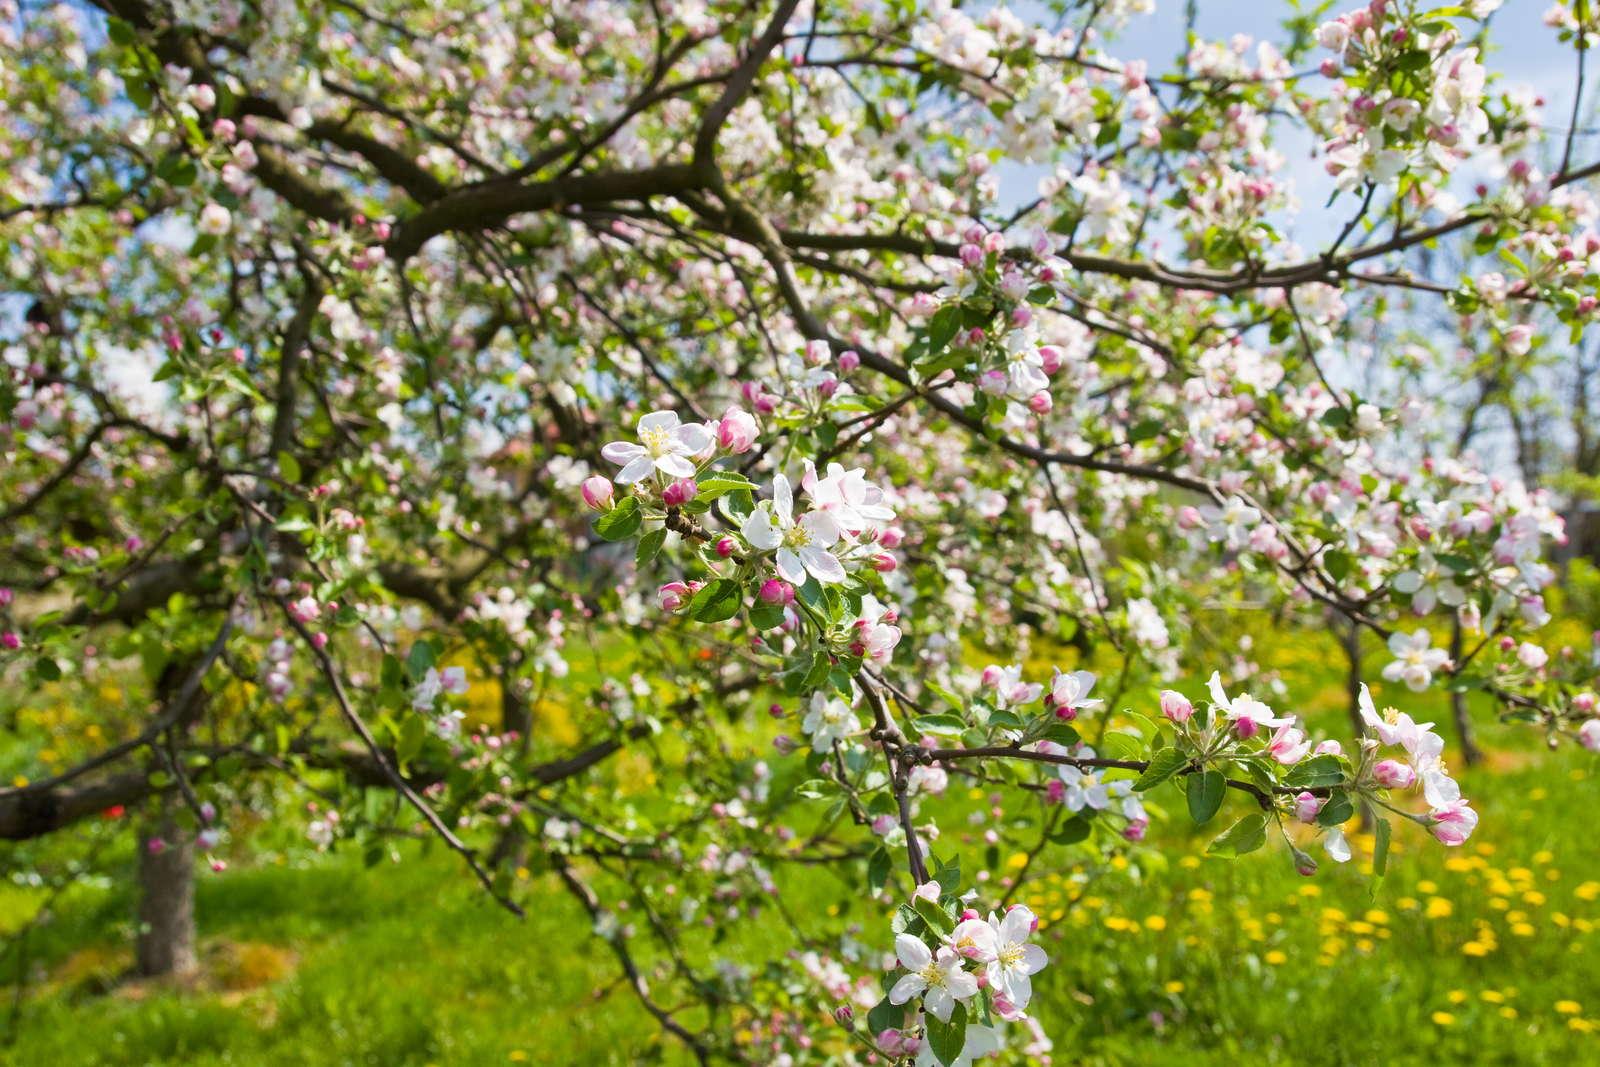 Apfelbäumchen Pflanzen